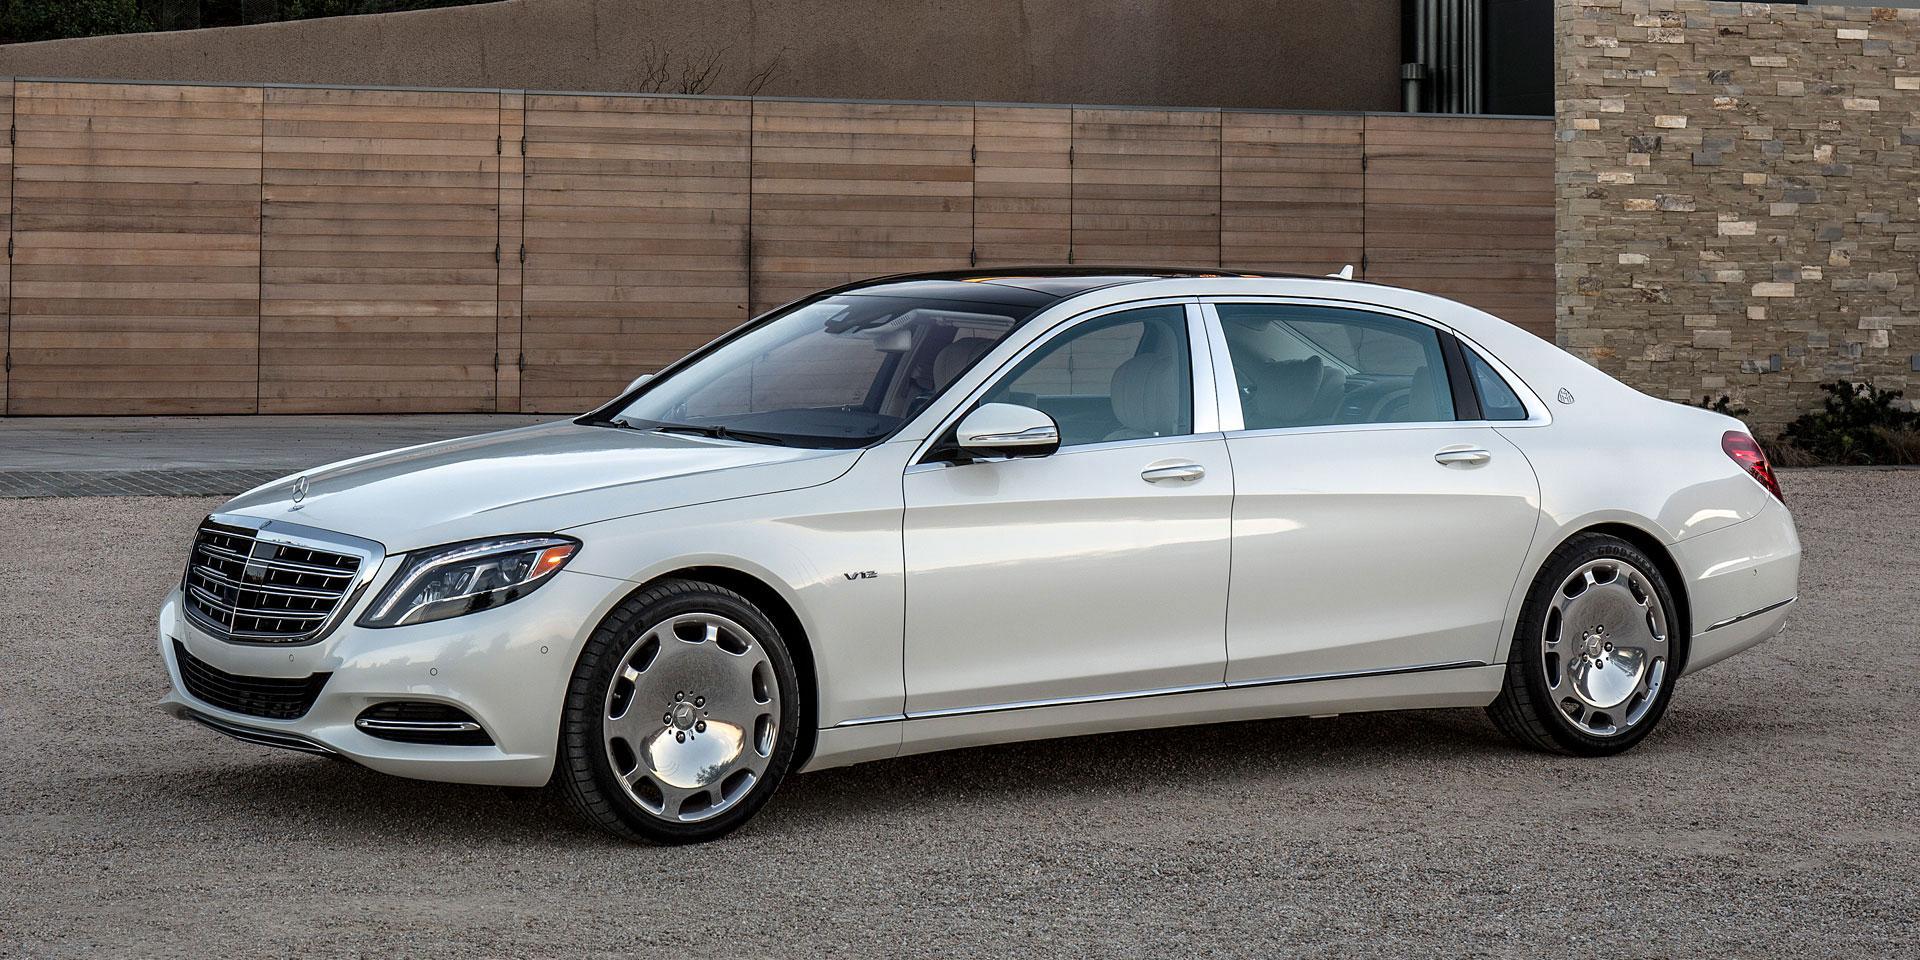 Spesifikasi dan Kelebihan Mercedes Benz Maybach Yang Diunggulkan 1